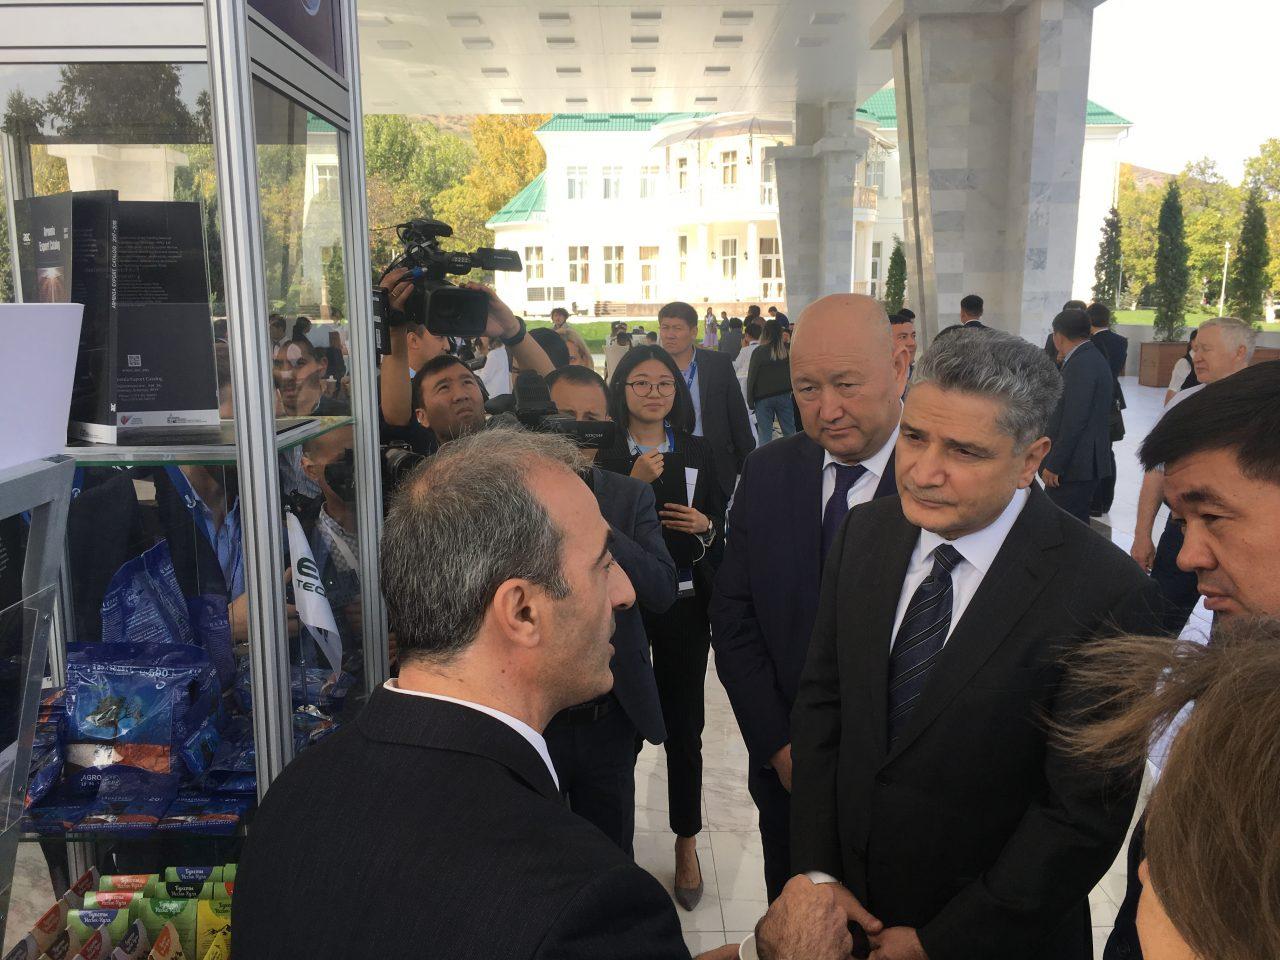 Հայկական գյուղատնտեսական սթարթափները մասնակցում են «Եվրասիական շաբաթ» համաժողովի շրջանակներում կազմակերպված ցուցահանդեսին